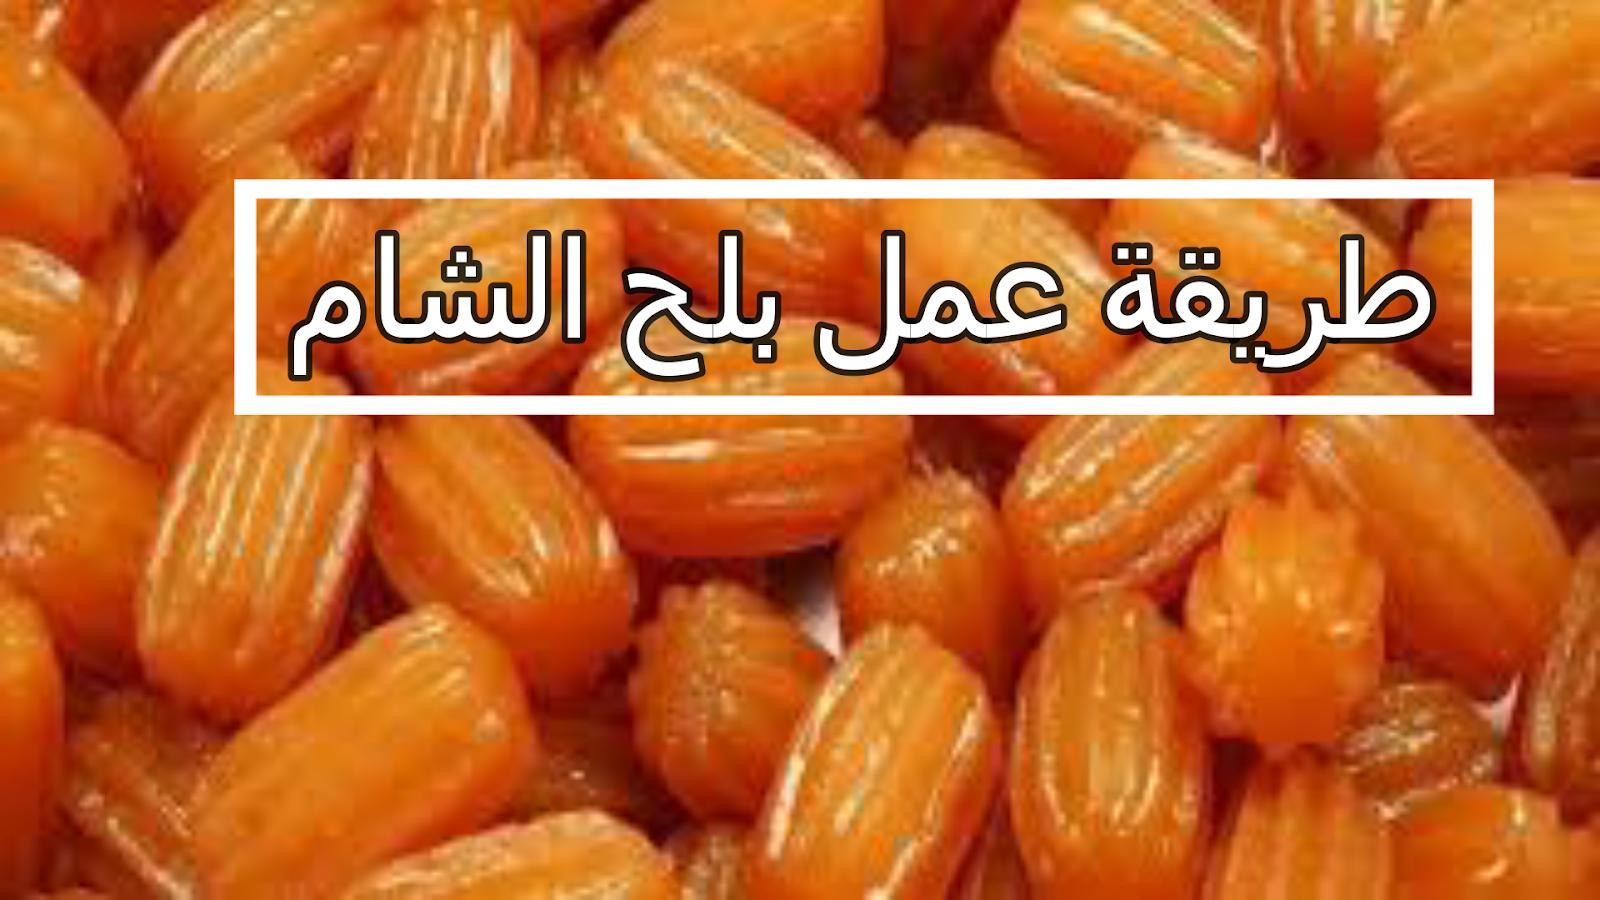 أحلى الاكلات - almantk4u